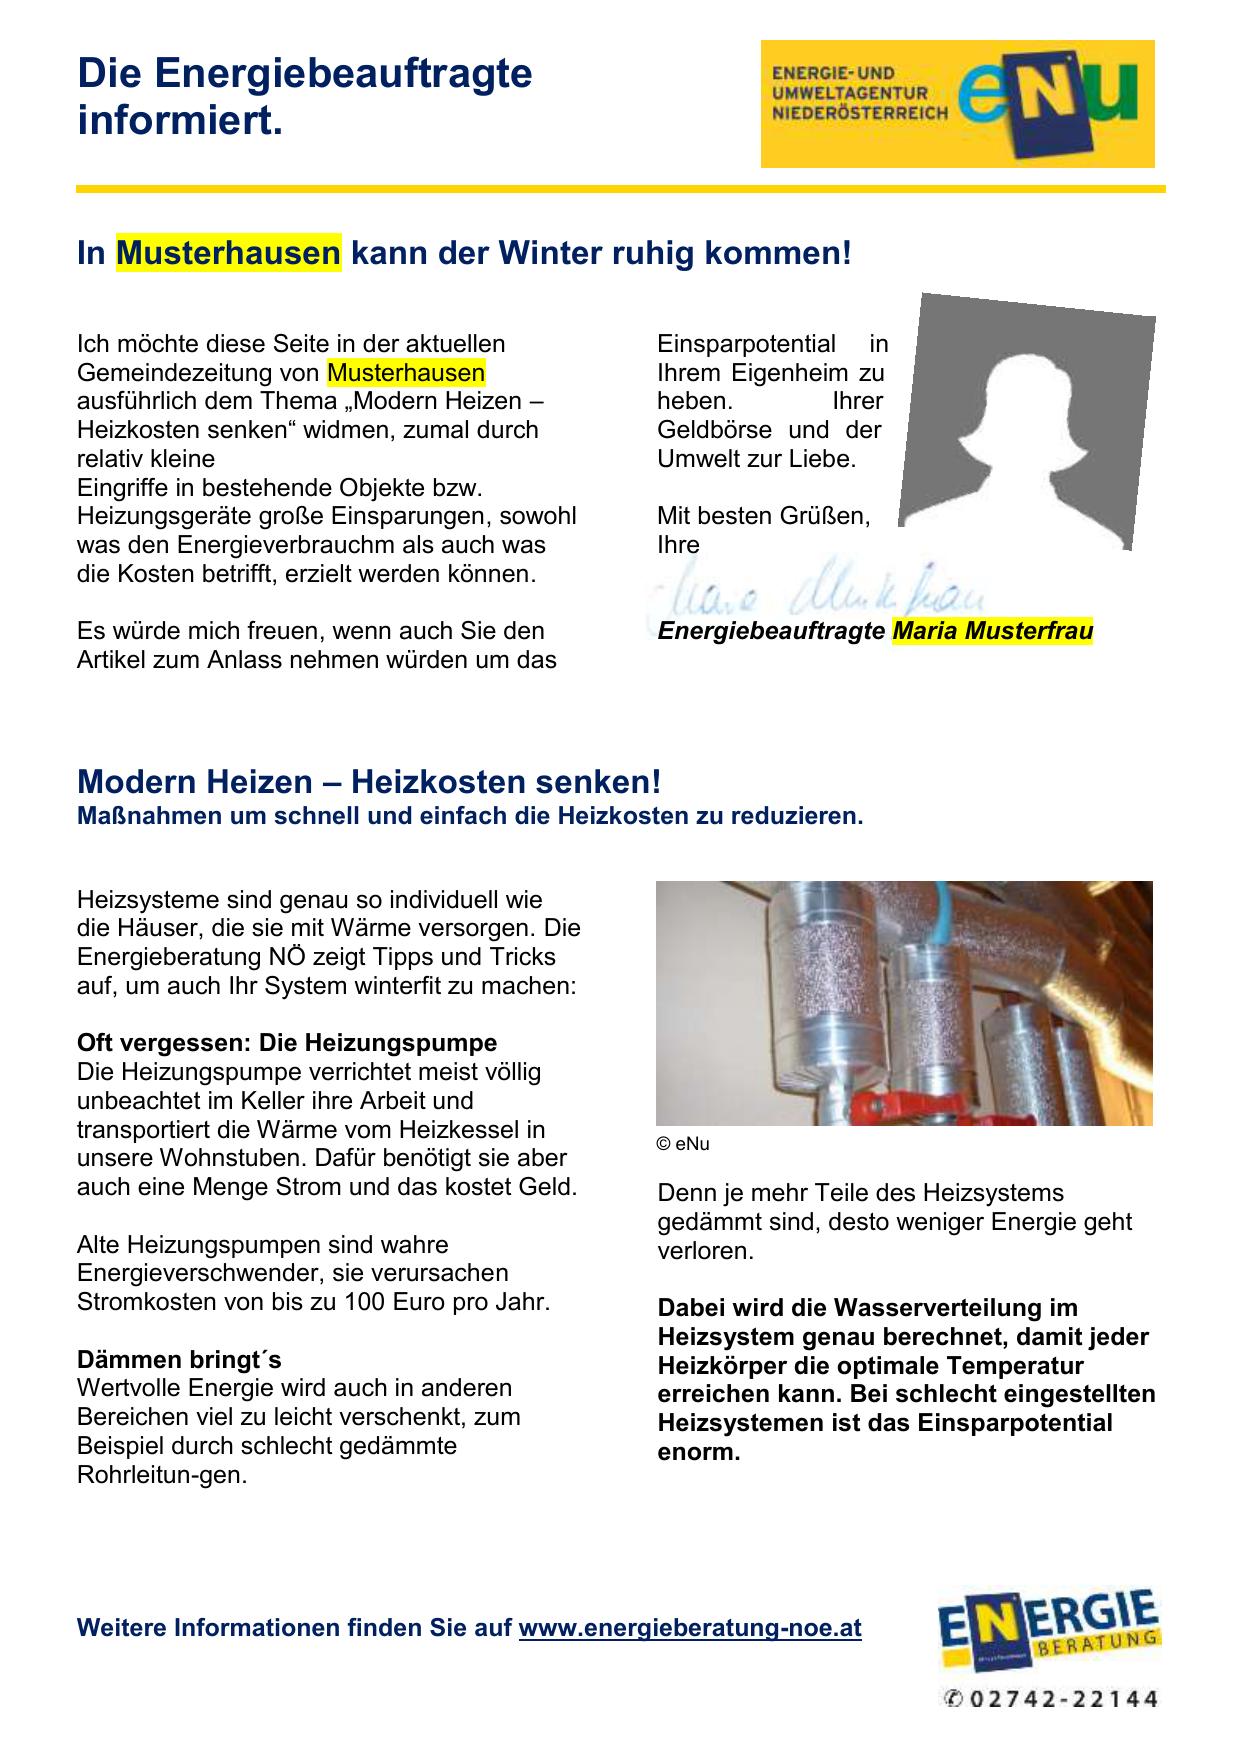 Gemütlich Heizsystem Teile Fotos - Die Besten Elektrischen ...